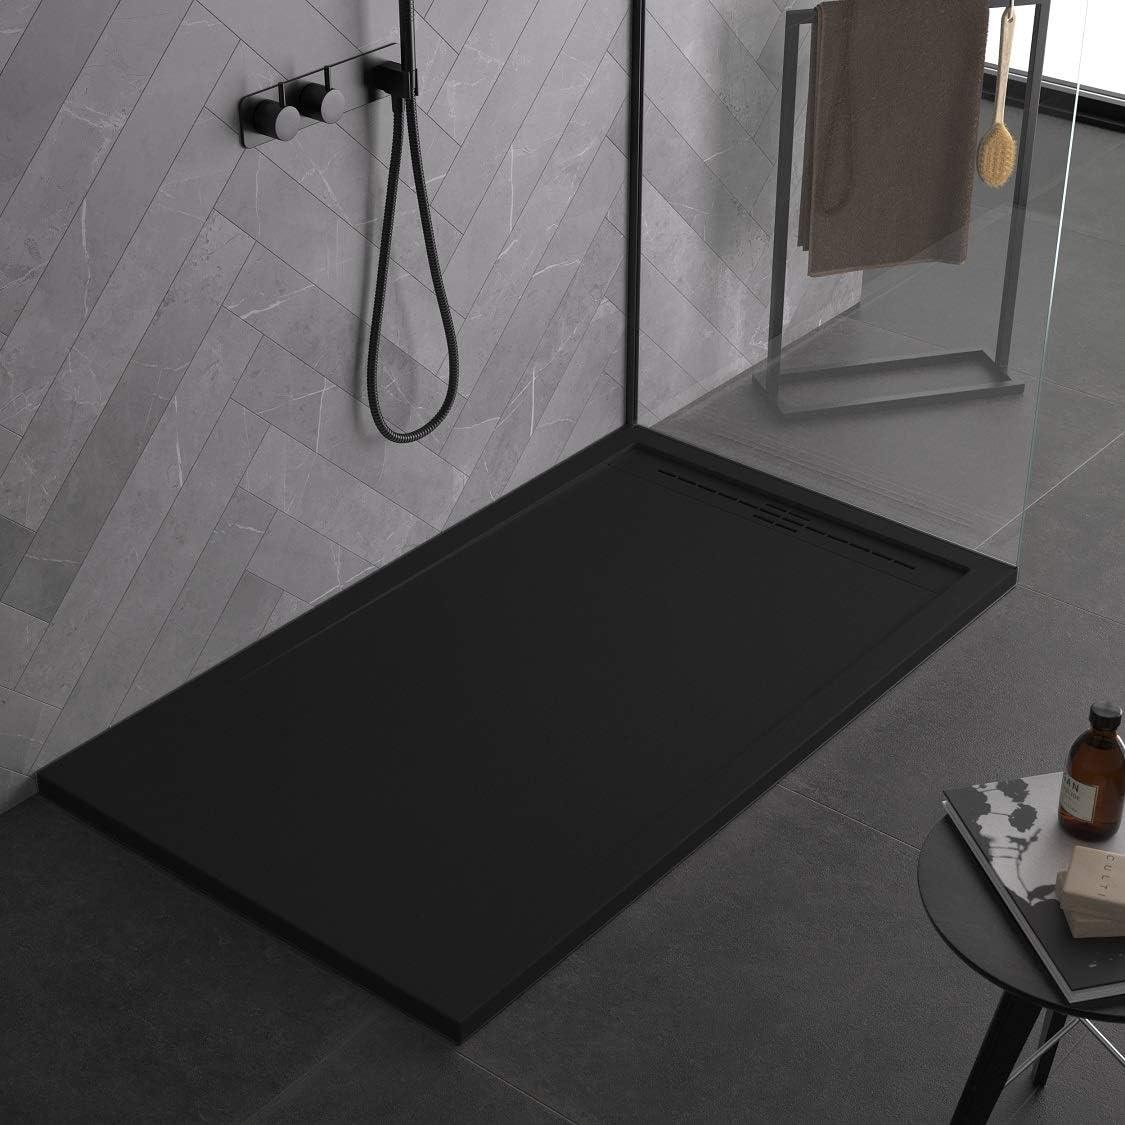 noir gelcoat en marbre et r/ésine /à effet pierre ardoise mod/èle Ibiza Receveur de douche noir de luxe au design moderne slim 3 cm